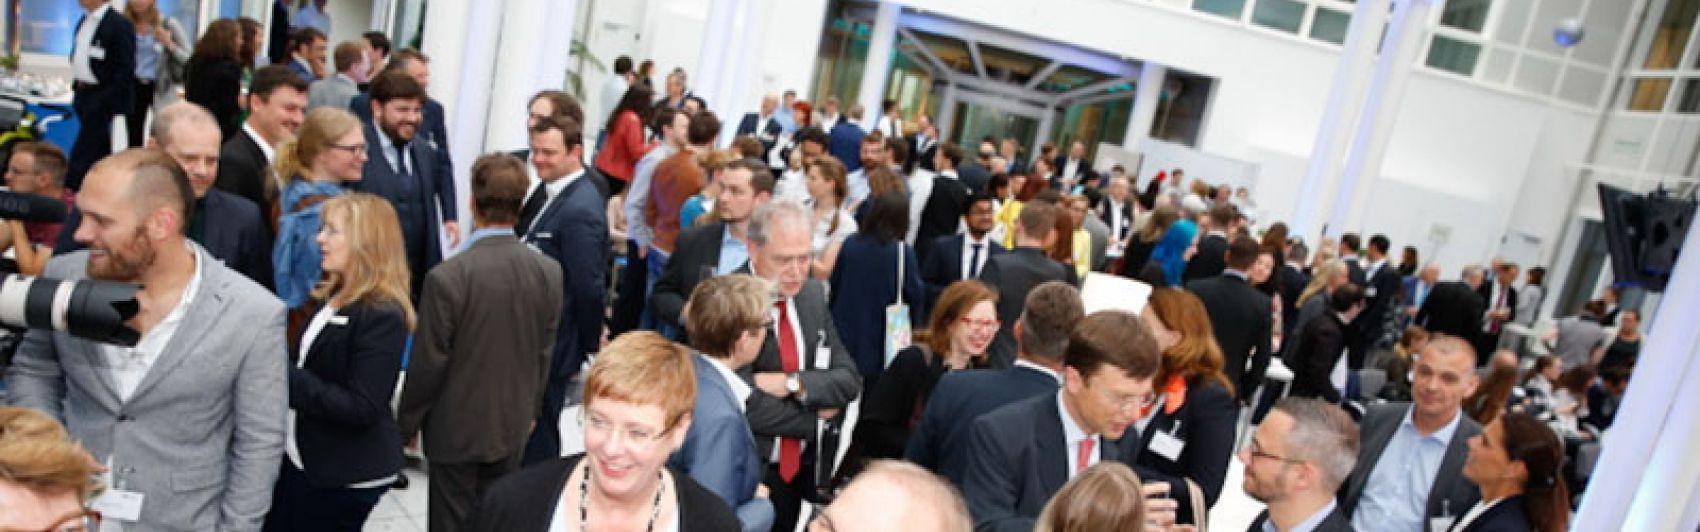 BPW Berlin-Brandenburg Prämierungsfeier